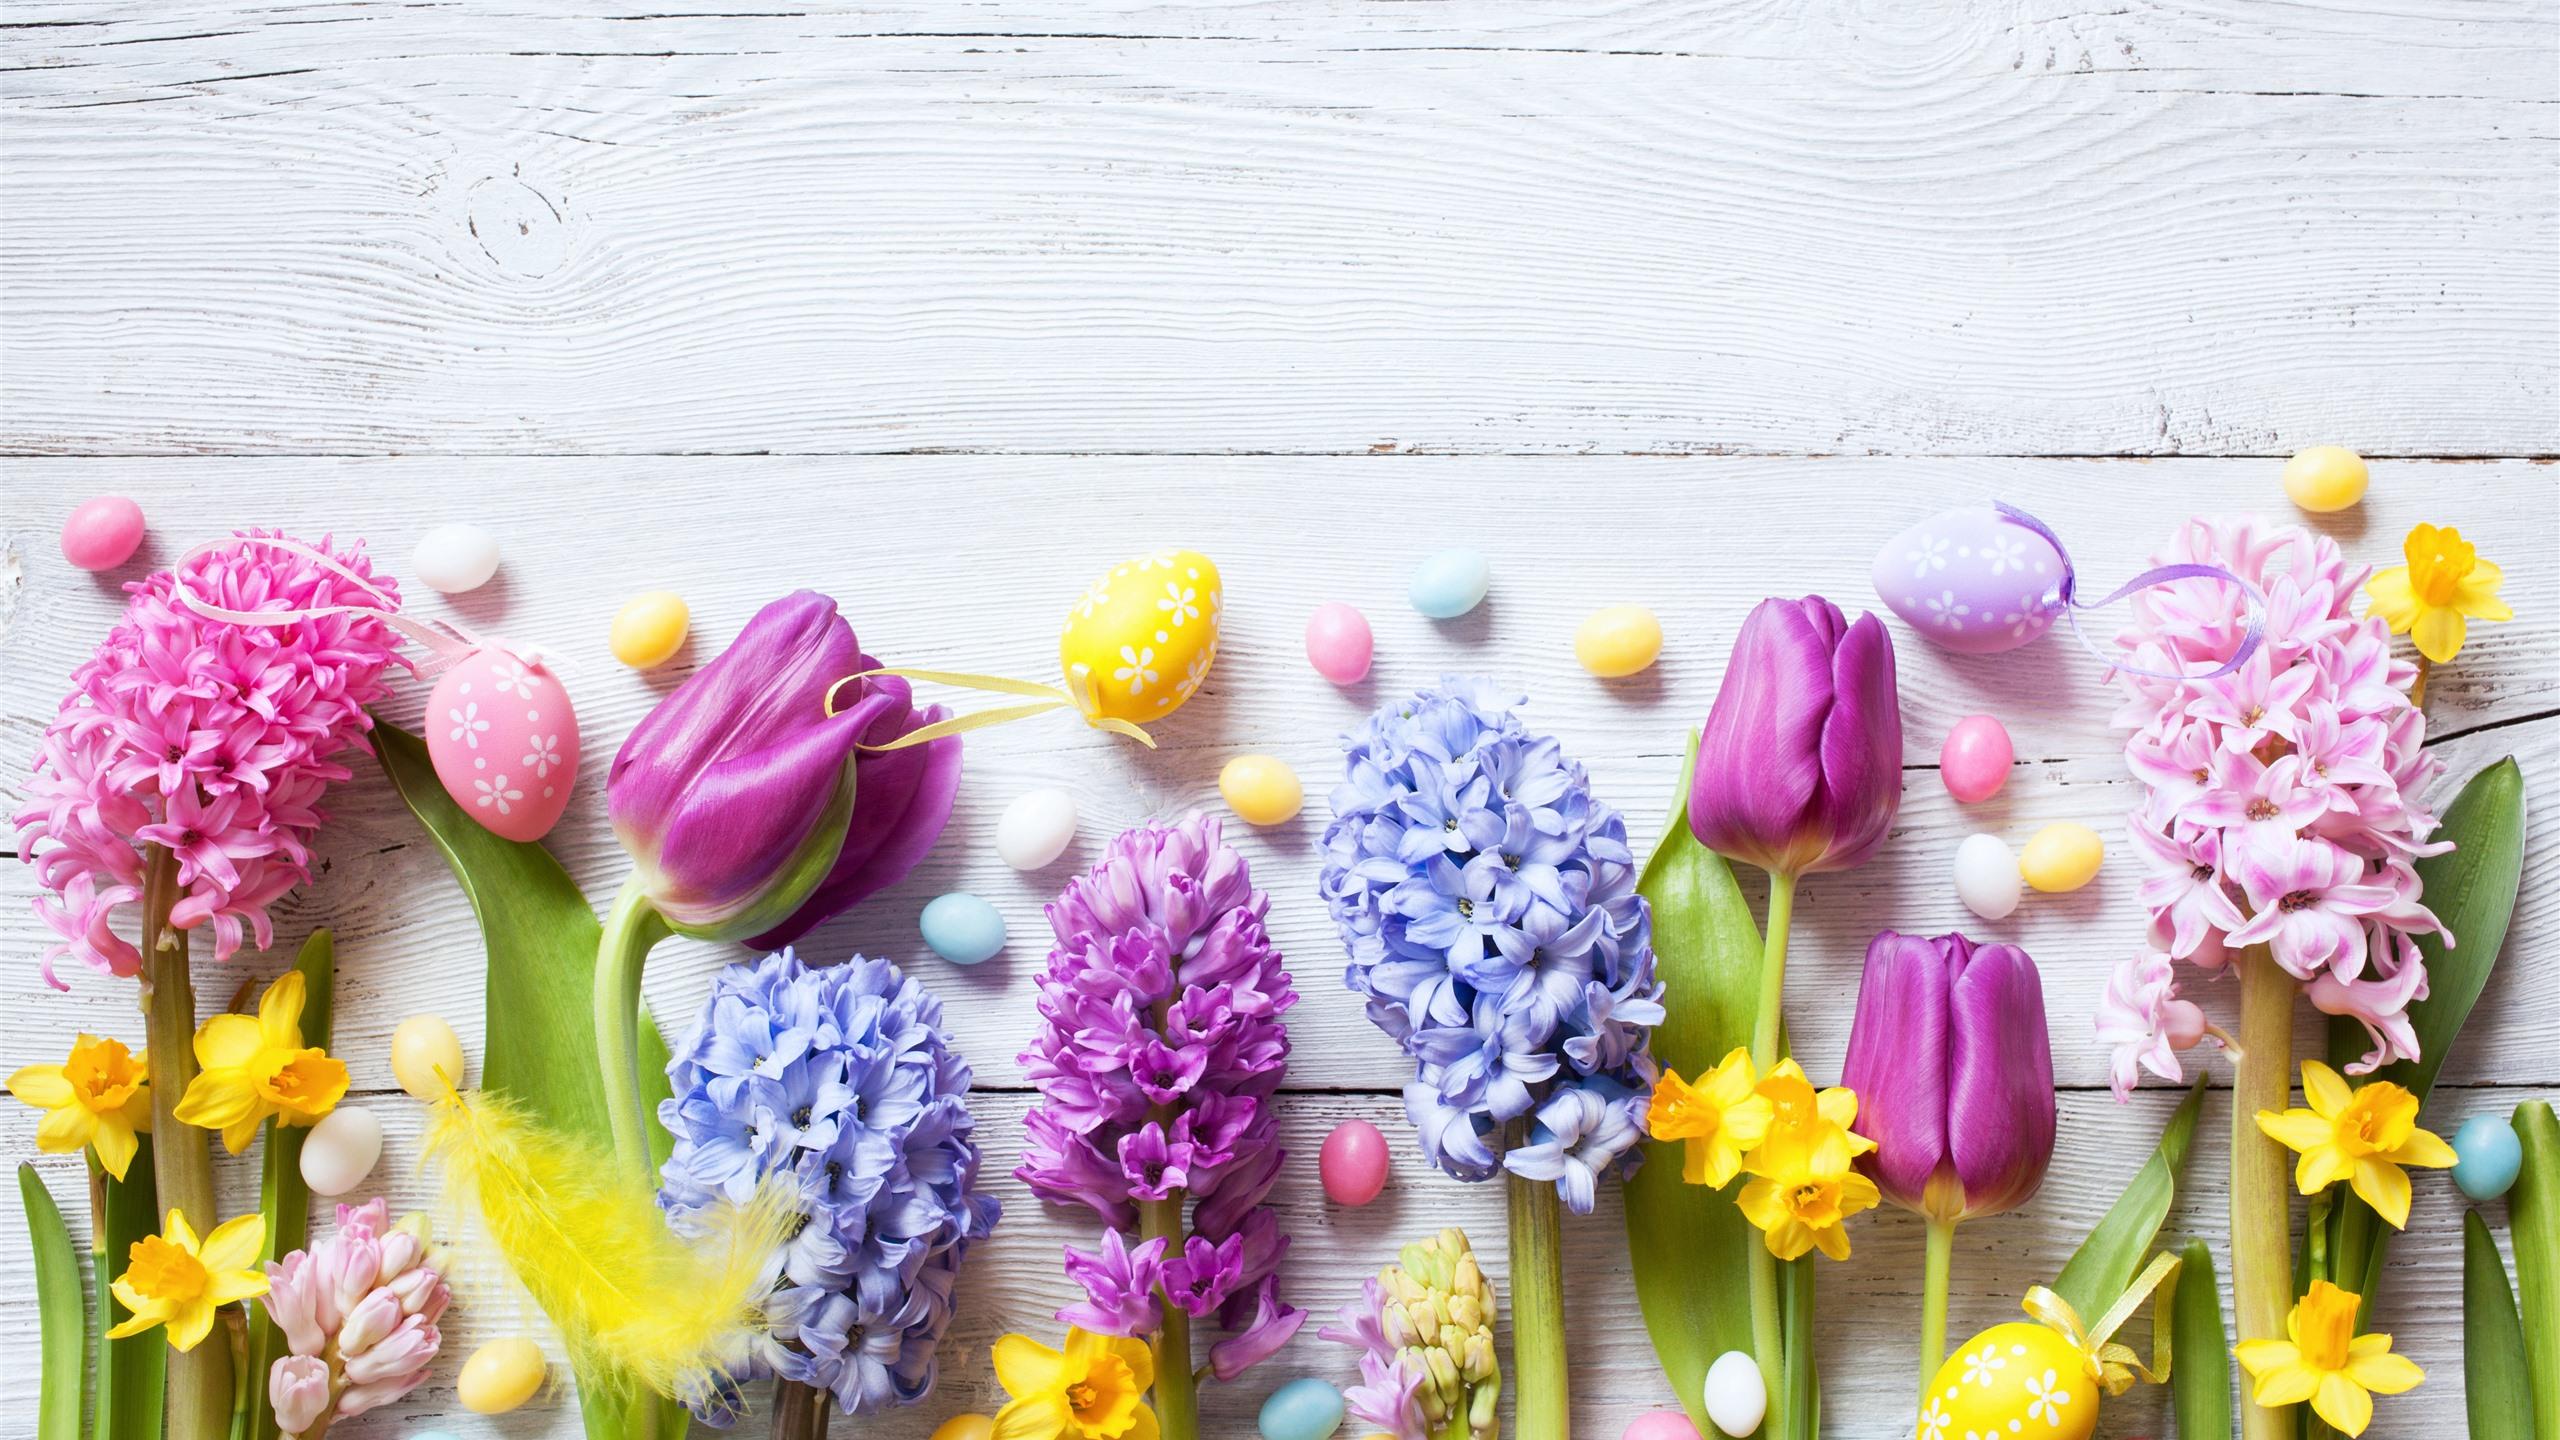 Fondos De Pantalla 1440x900 Tulipas Pascua Fondo De Color: Fondos De Pantalla Pascua, Flores De Colores, Narcisos